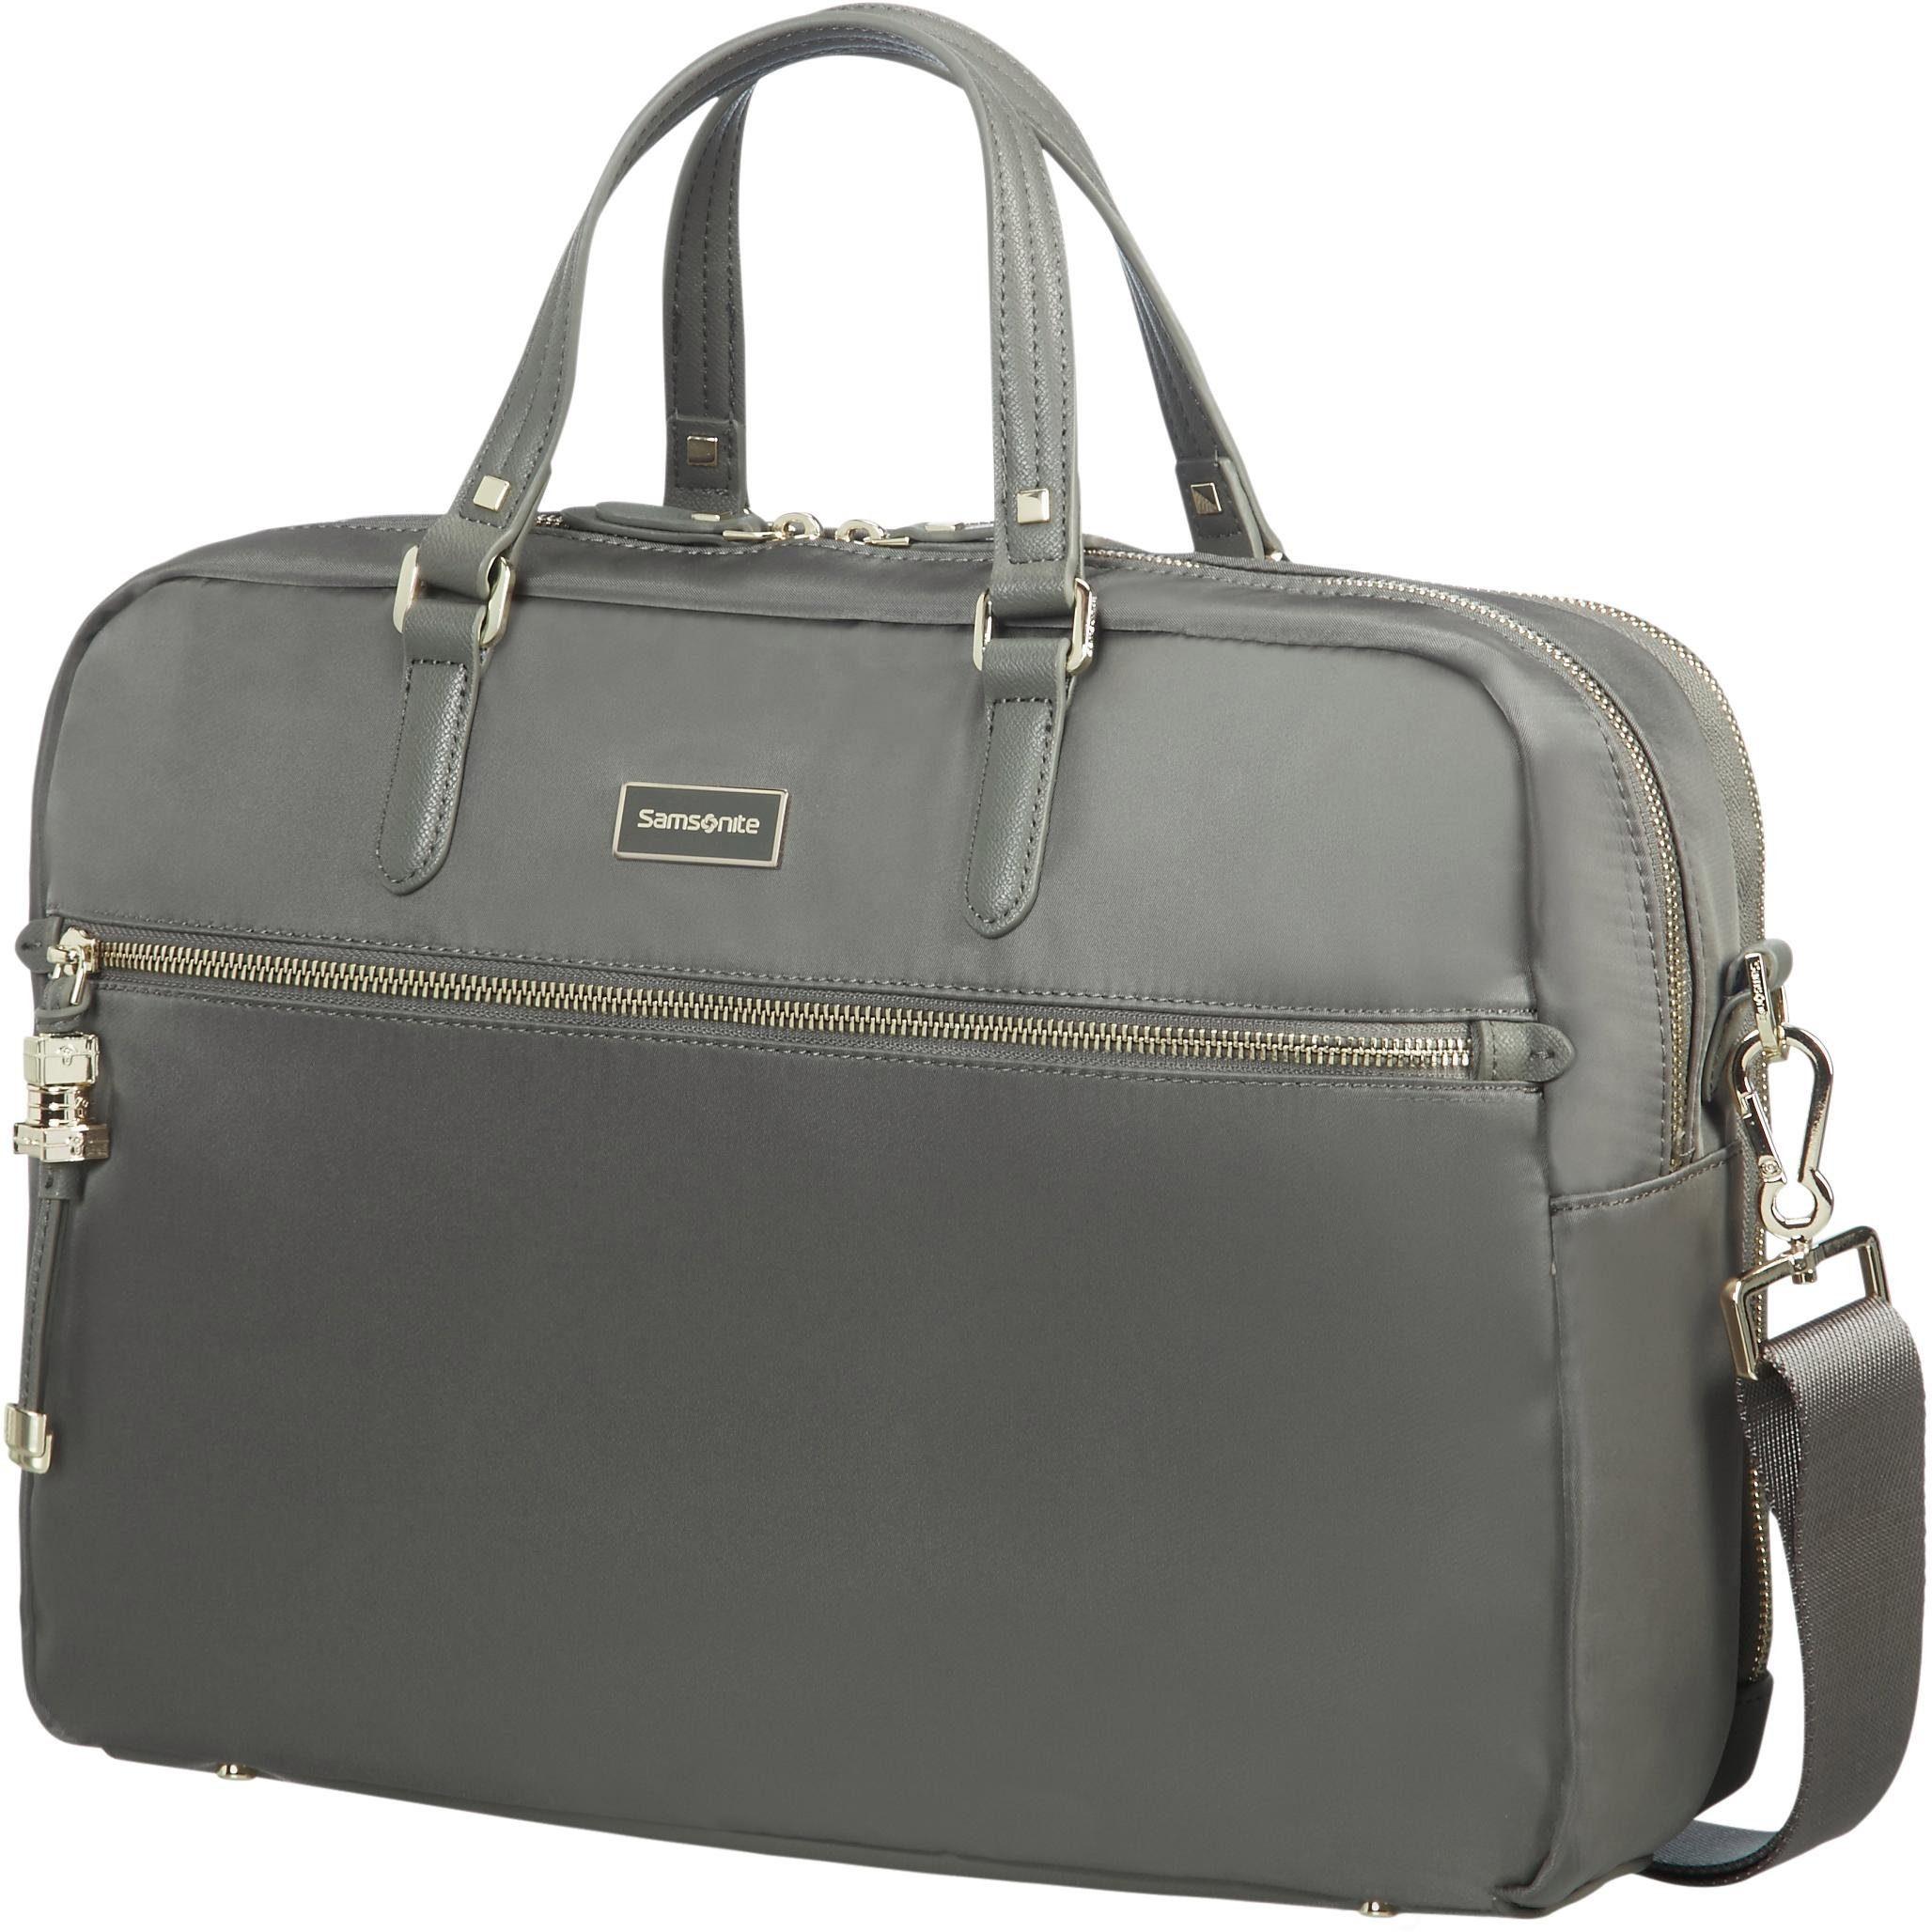 Samsonite Businesstasche mit 15,6-Zoll Laptopfach, »Karissa Biz, 2 Fächer«